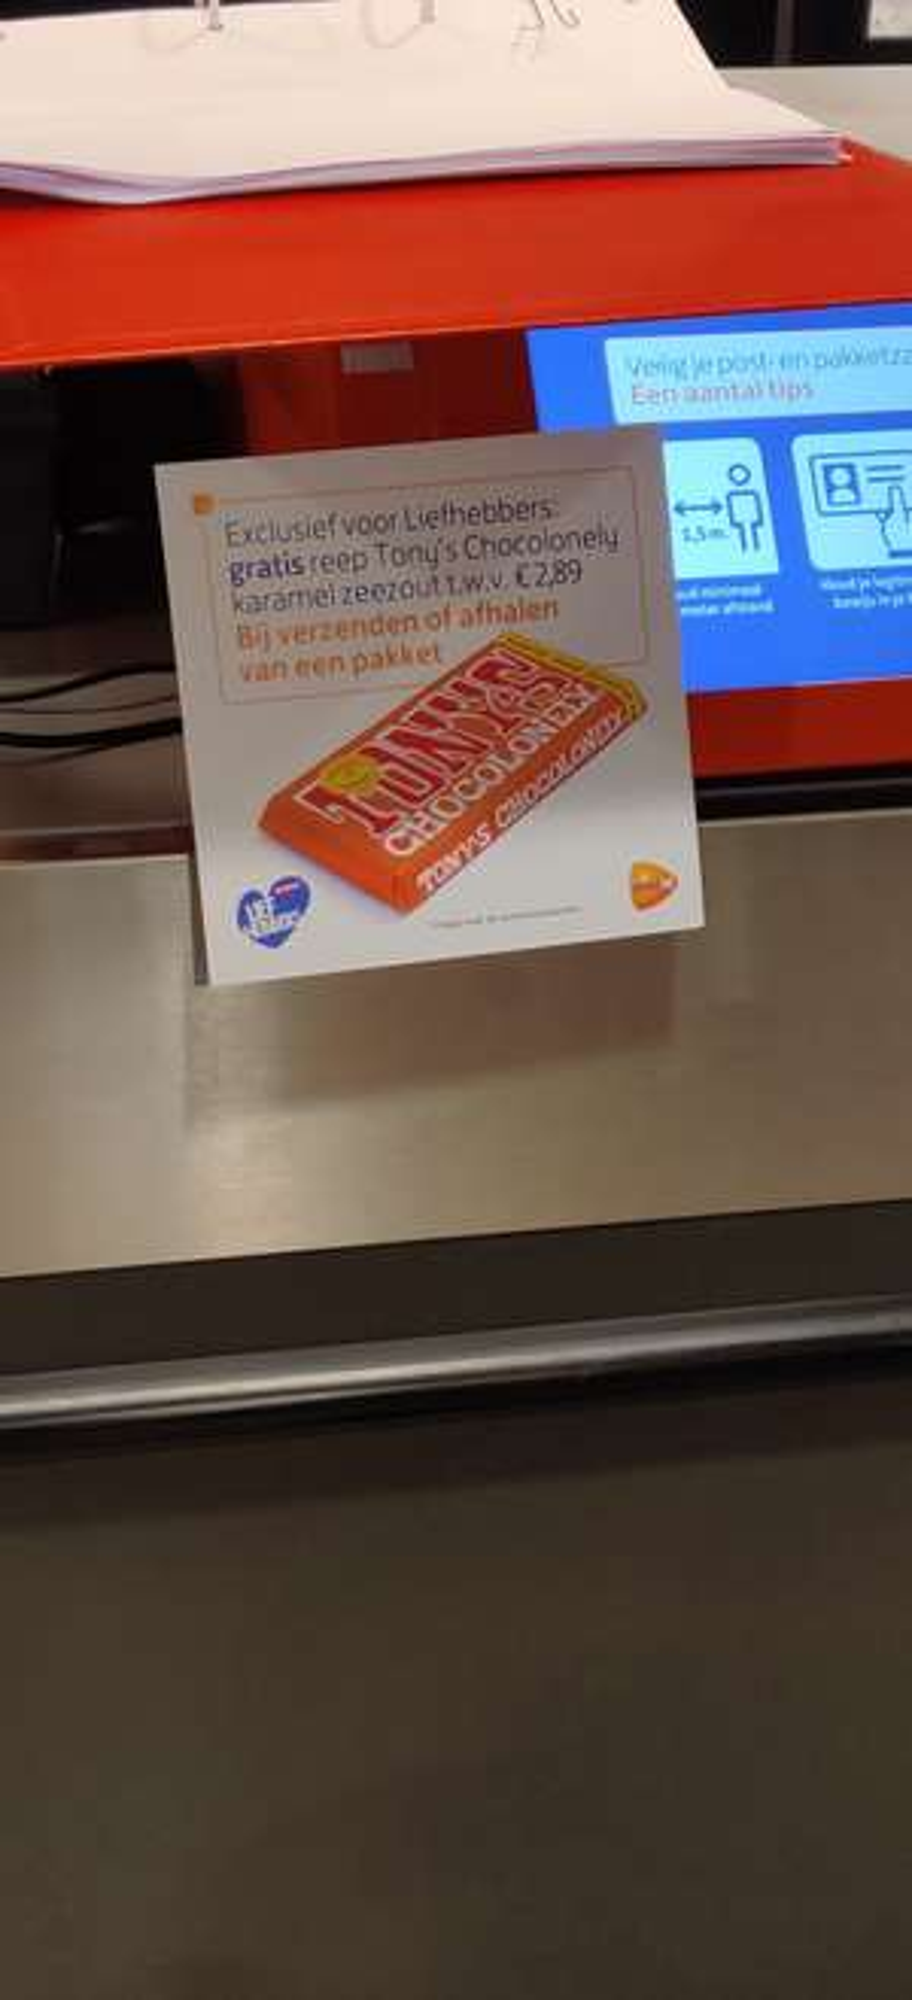 Gratis Tony's Chocolonely wanneer je een pakket ophaalt of verstuurt bij PostNL punt bij Jan Linders